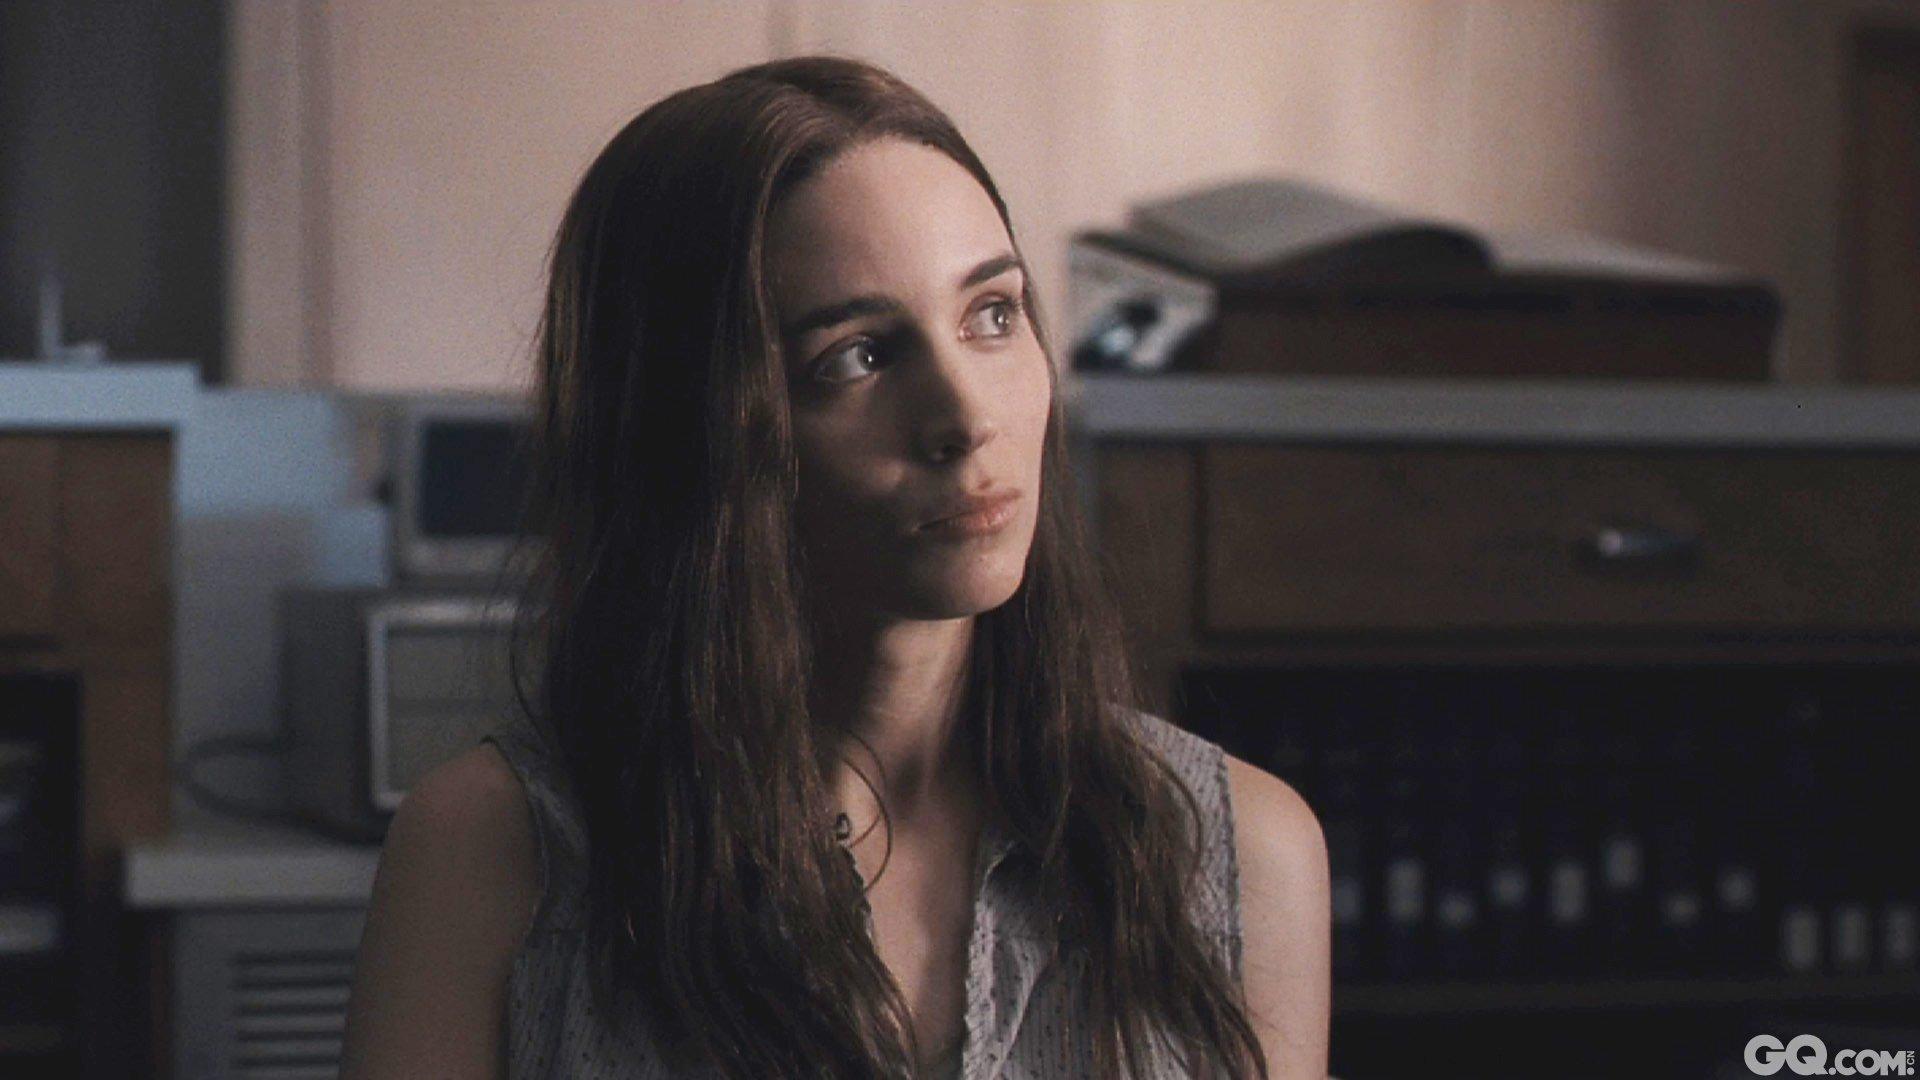 """在""""龙纹身的女孩""""带来巨大声誉之后,羞涩的鲁妮却选择藏在众多角色的后面,这些角色每个都非常特别。在斯蒂文·索德伯格的心理惊悚片《副作用》中,她饰演一个假装抑郁、外表柔弱的阴谋家人妇;然后,她走入新晋导演大卫·洛维的犯罪爱情片《他们非圣人》中,饰演70年代德州小镇上一个苦等丈夫出狱的妻子。后者在2013年圣丹斯电影节大放异彩,并入选戛纳电影节影评人周单元。"""